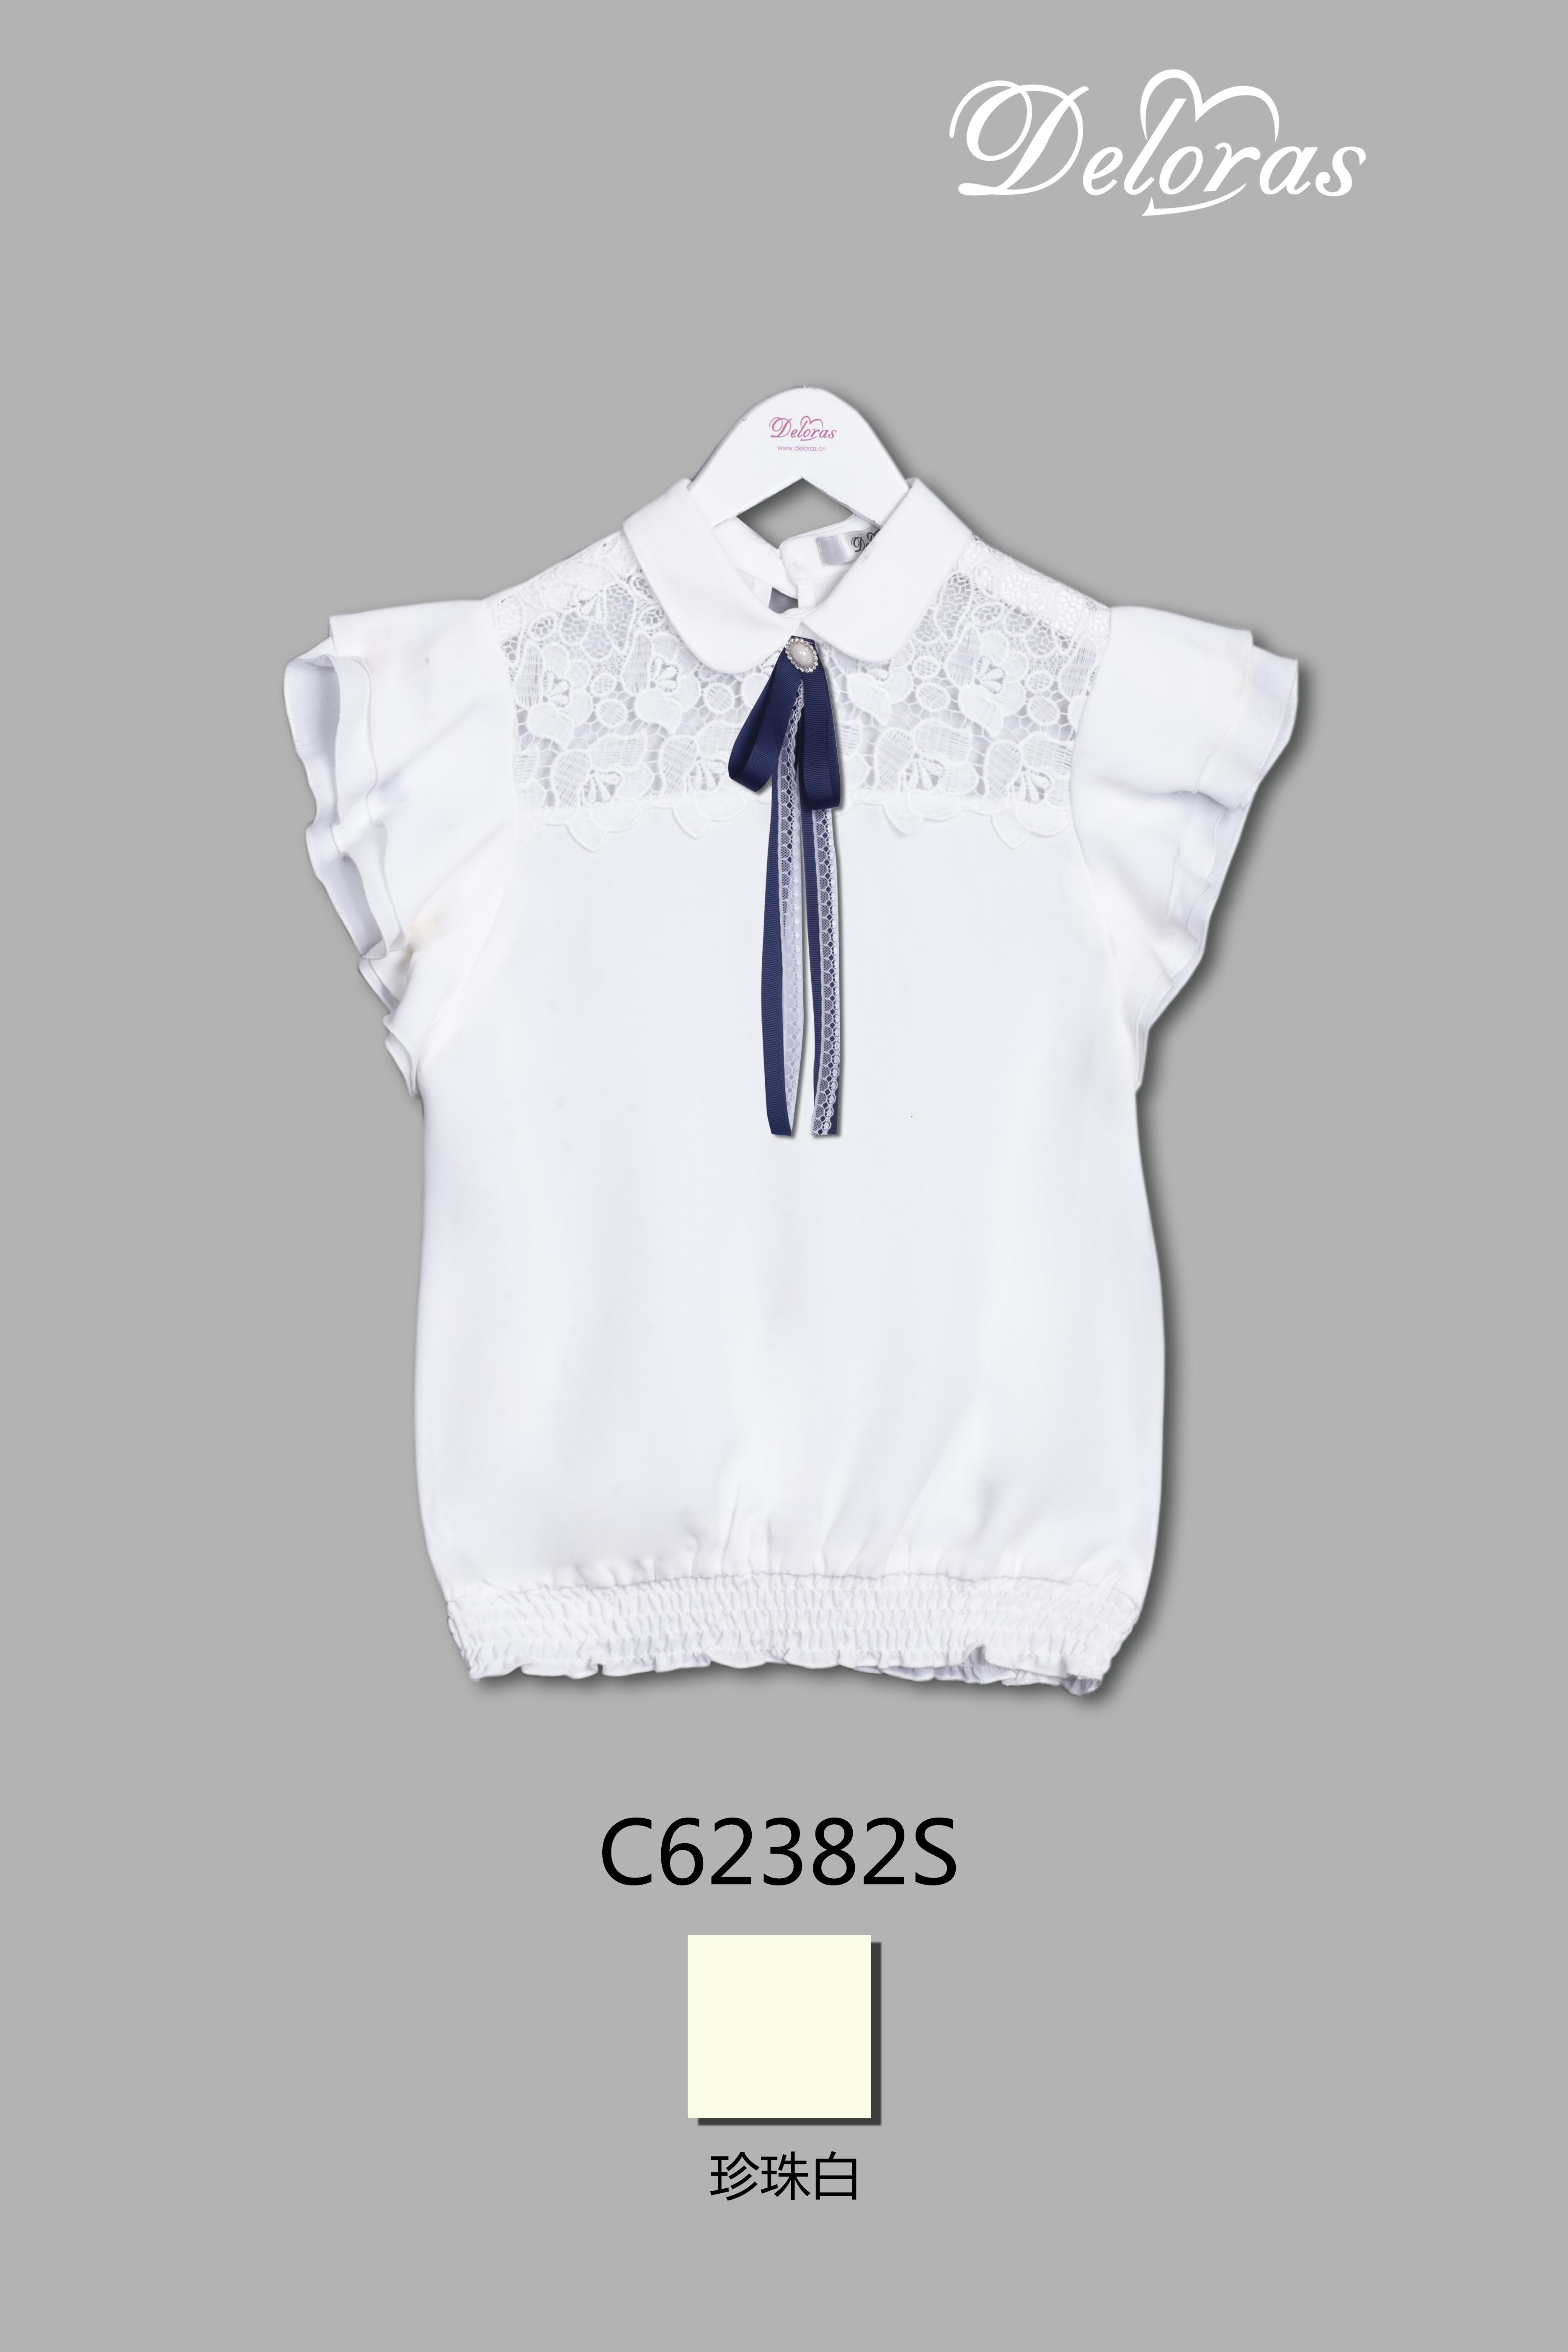 Блузка для девочки YGDL62382S